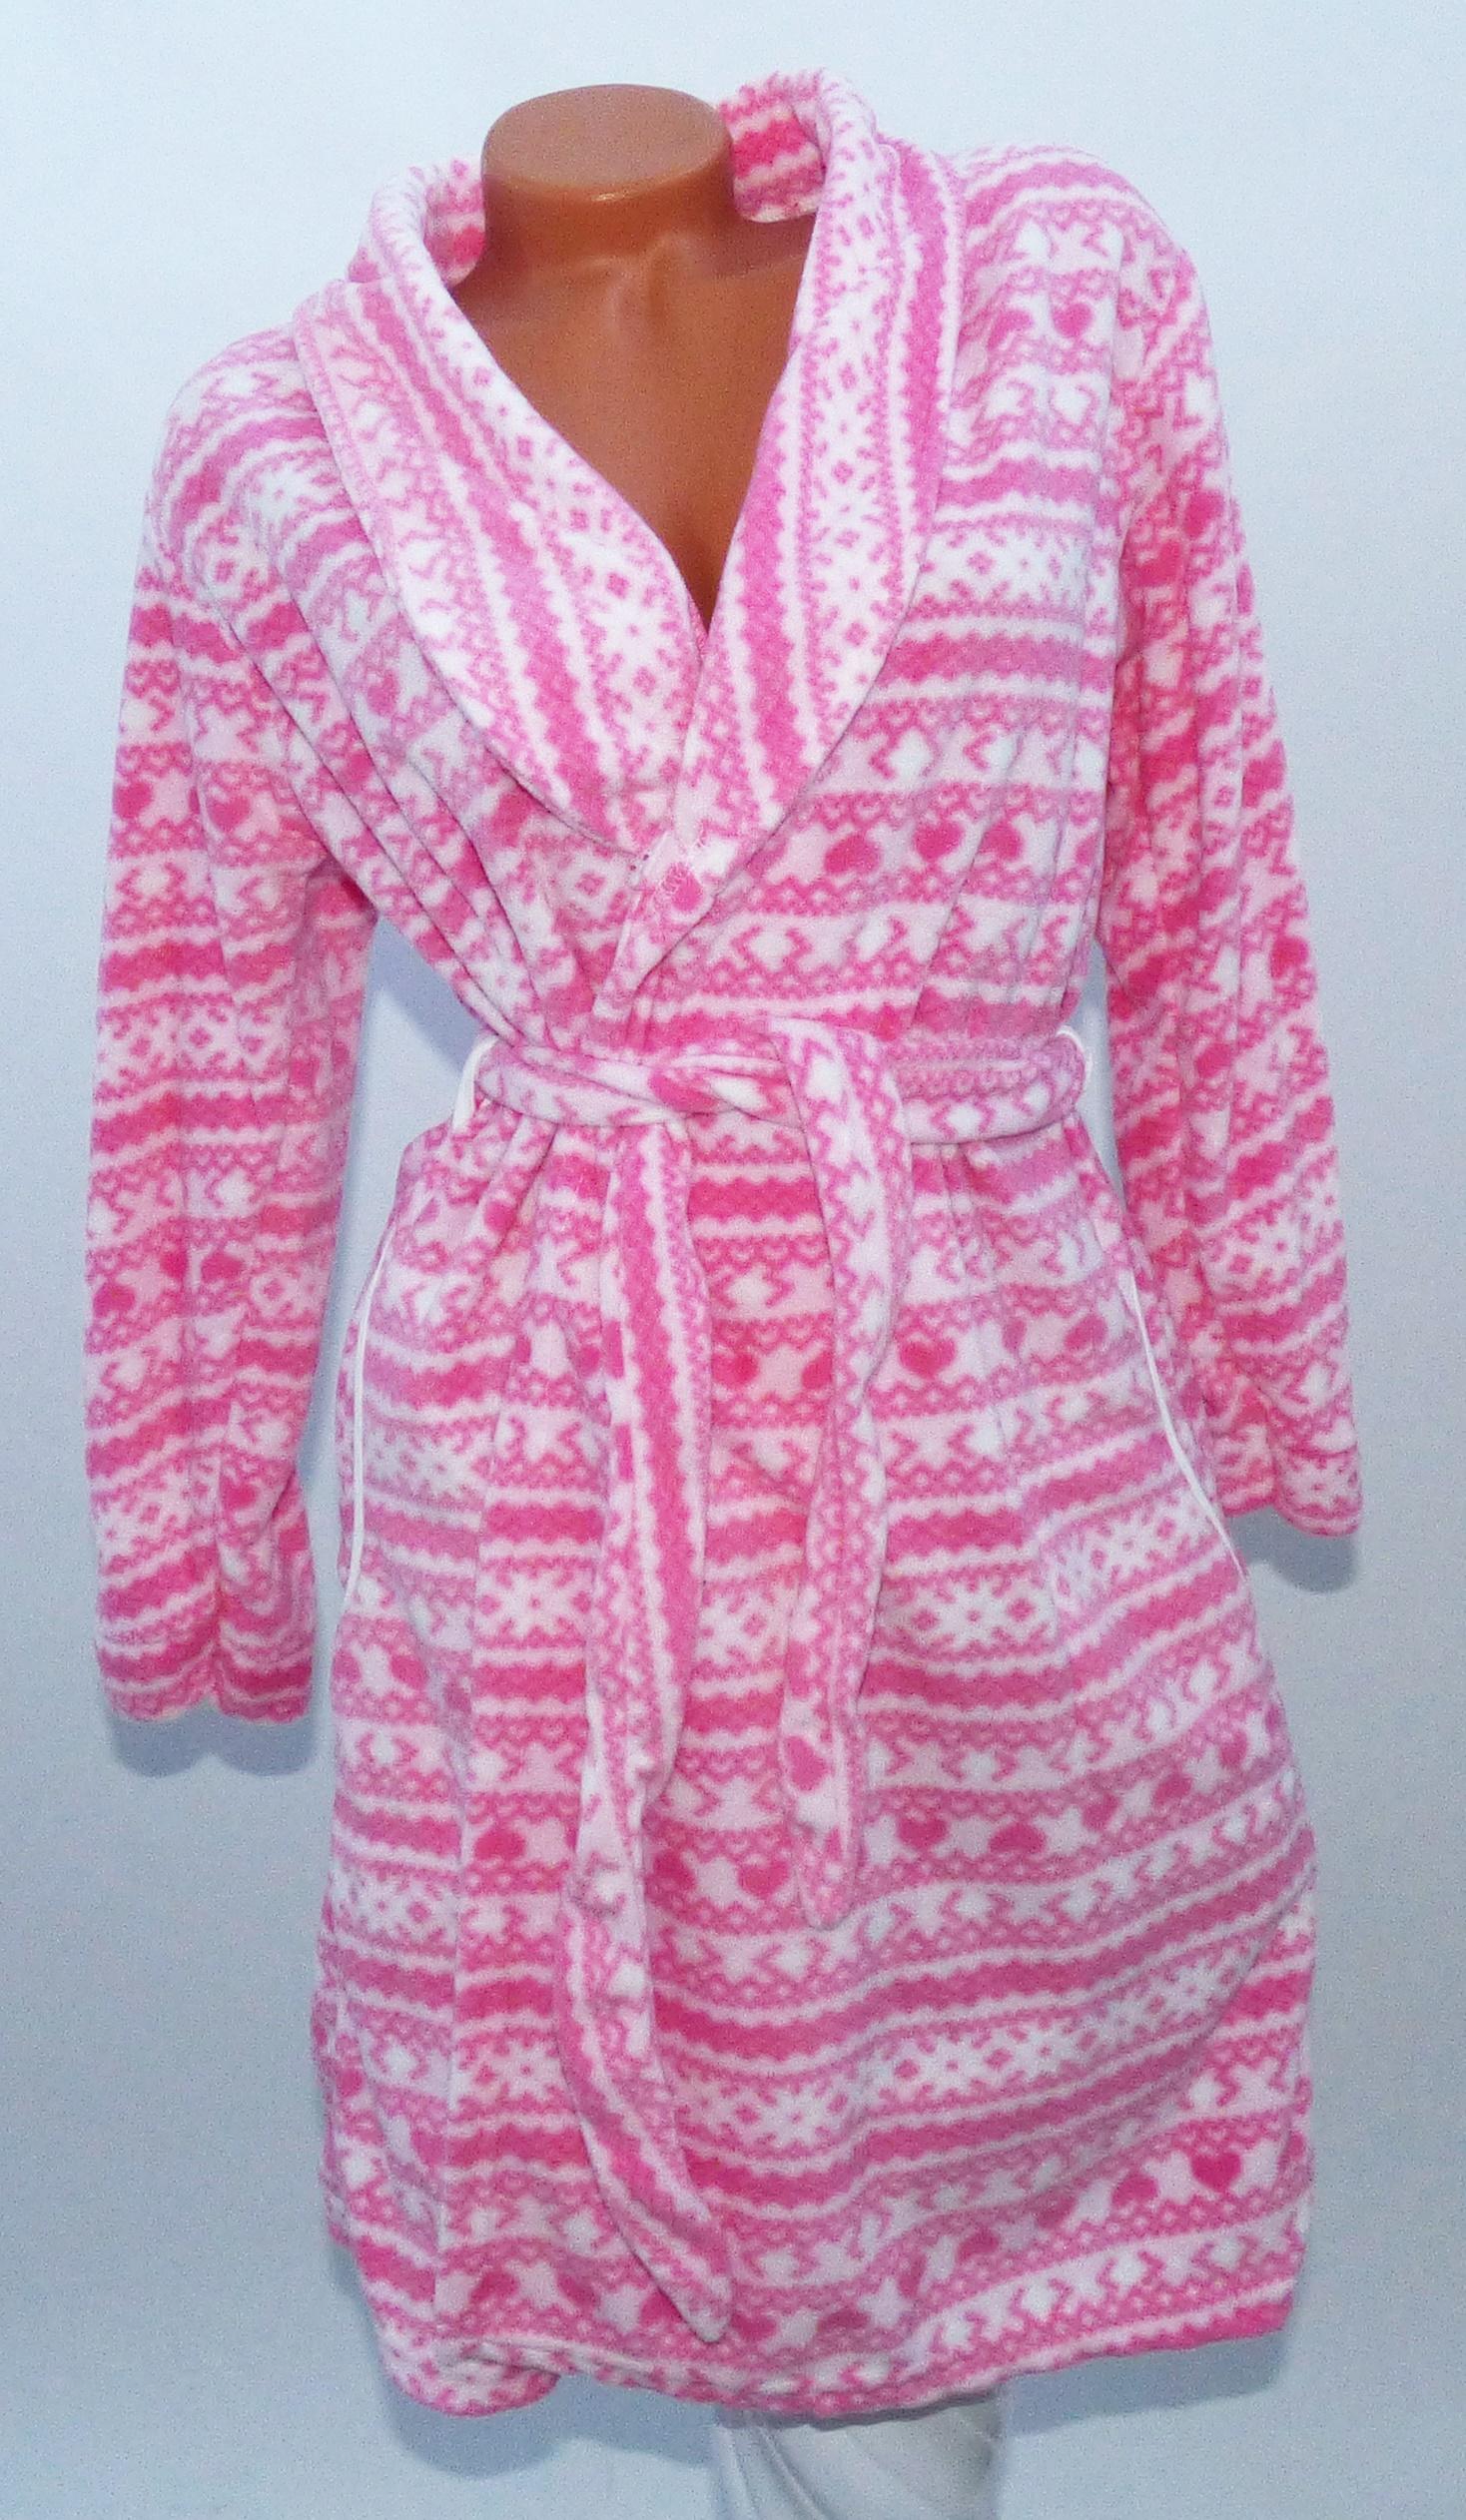 7d9d6fa4c1 Pihe-puha norvégmintás köntös - Kiegészítők - Luna Gardrobe Női ruha  WebÁruház, Akciós - olcsó női ruha, Női ruha webshop, Online trendi -  divatos ruha